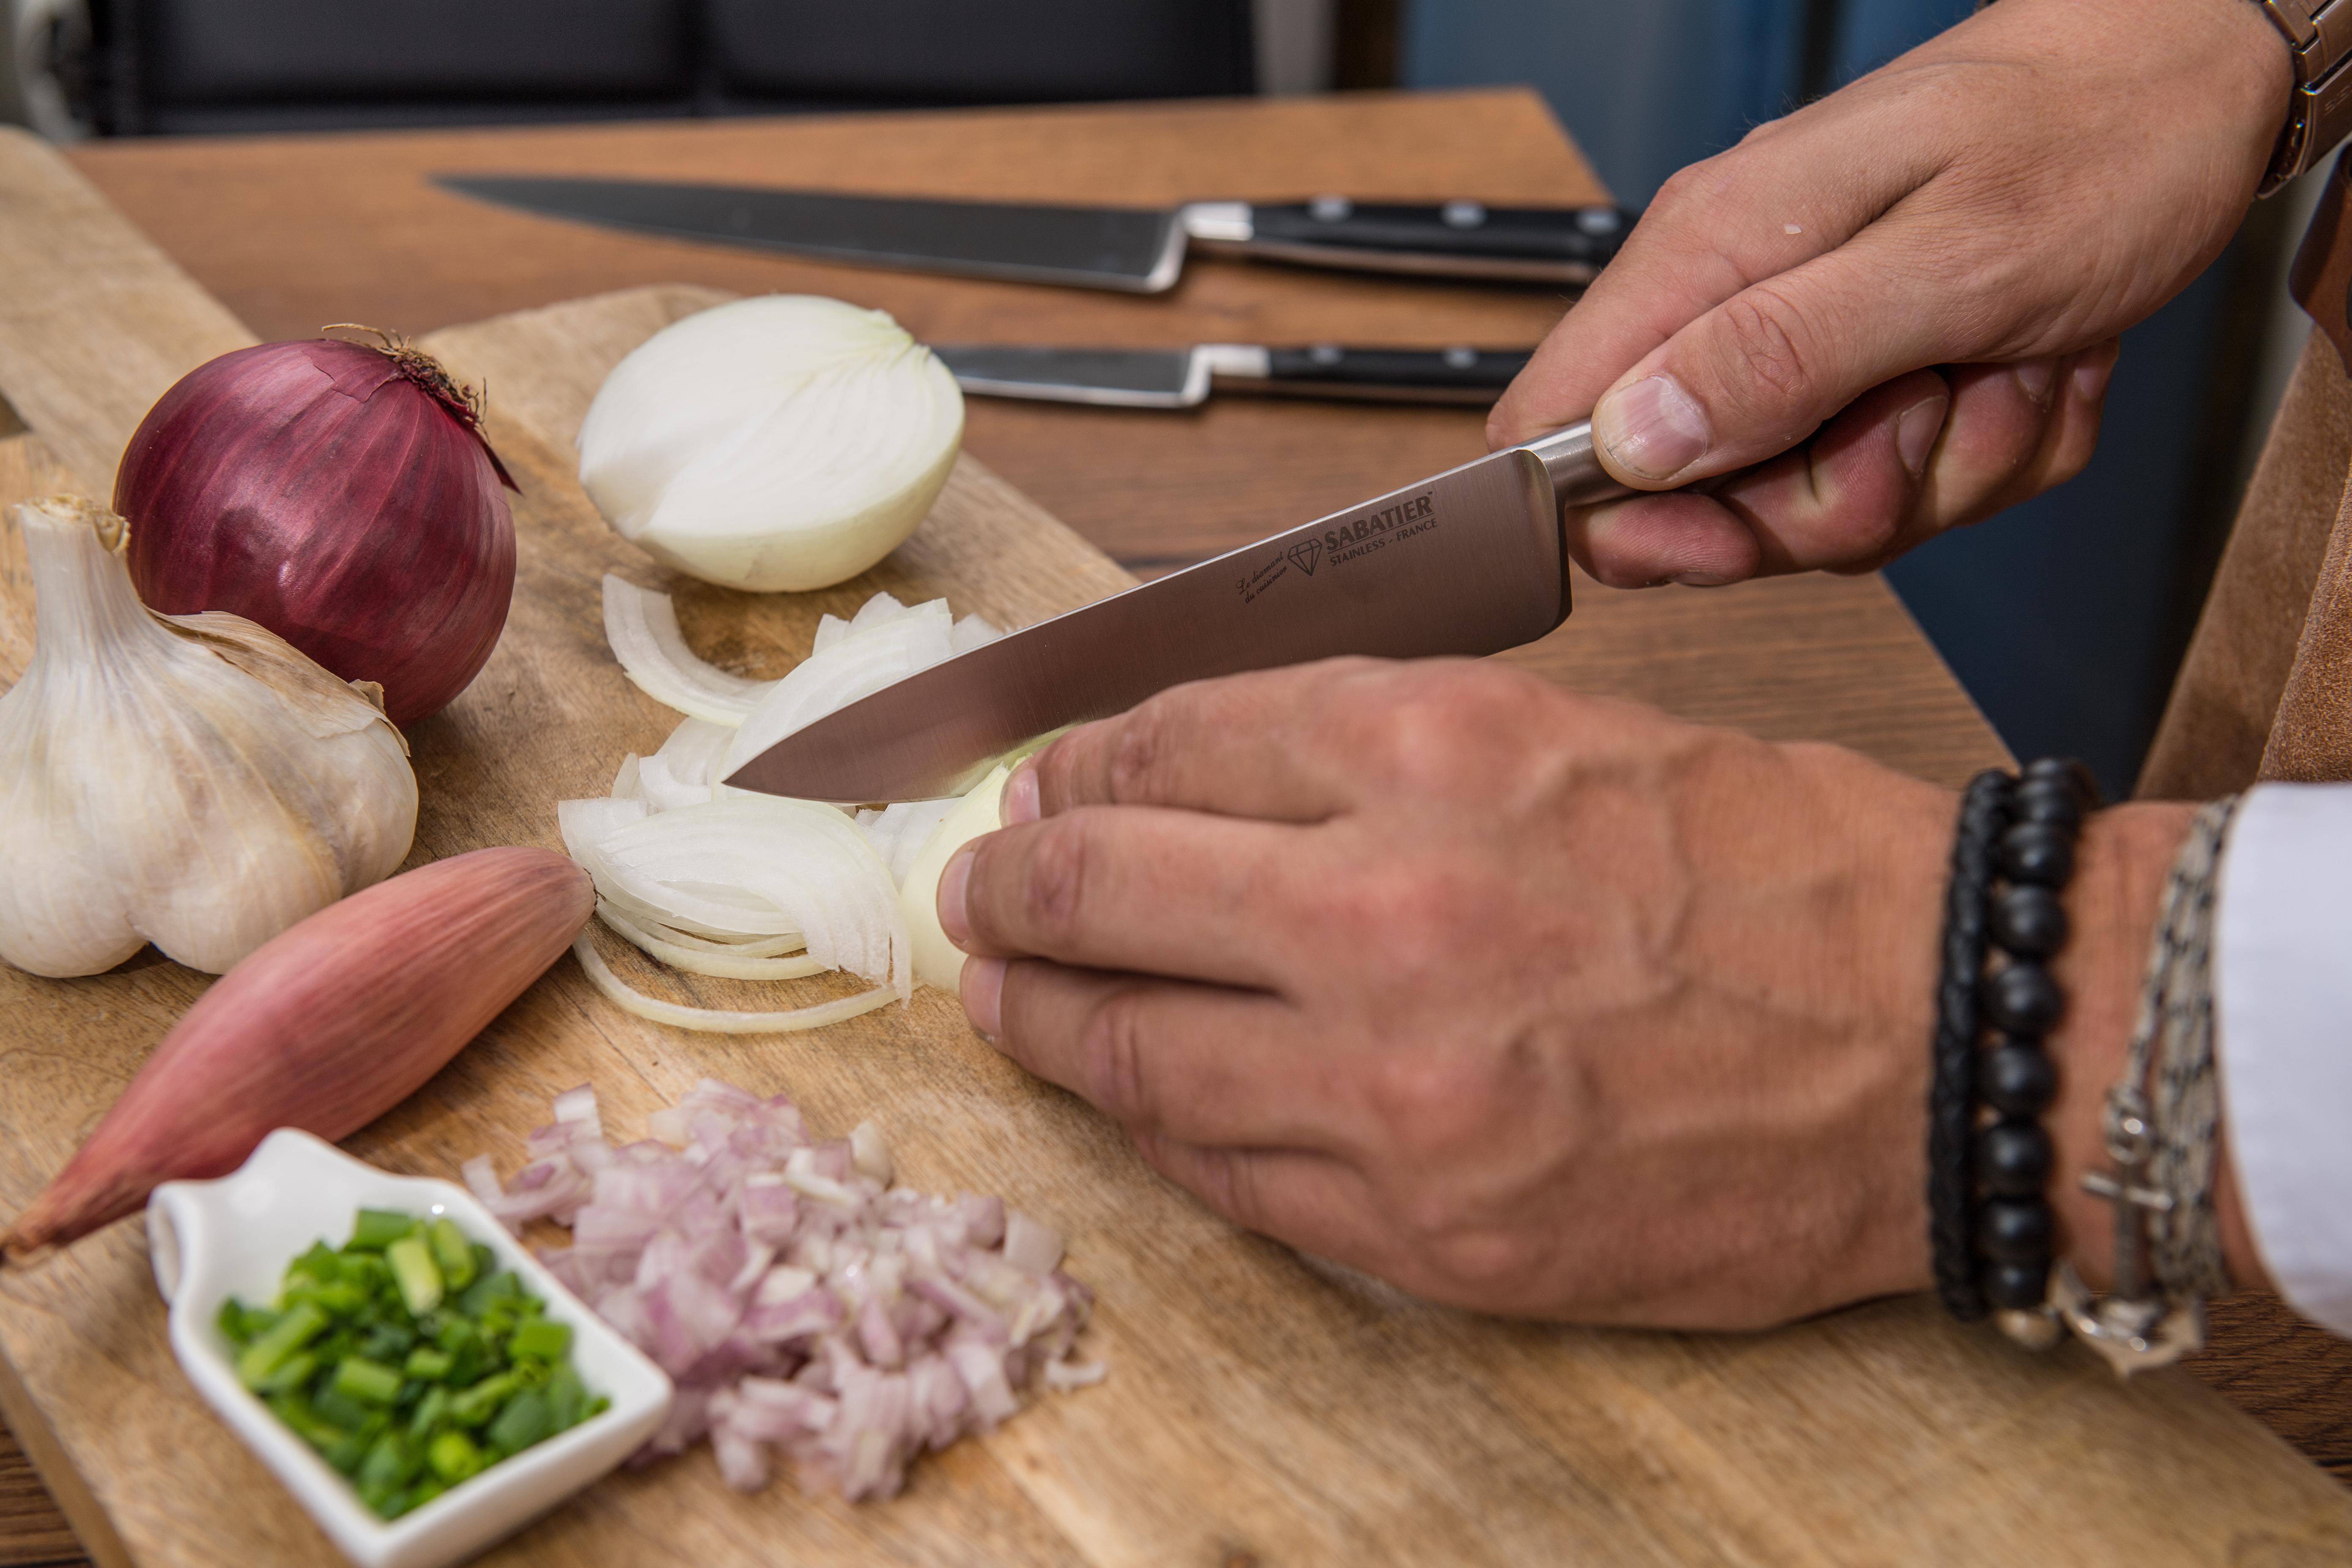 Couteau cuisine 15cm - SABATIER Diamant - Oignons